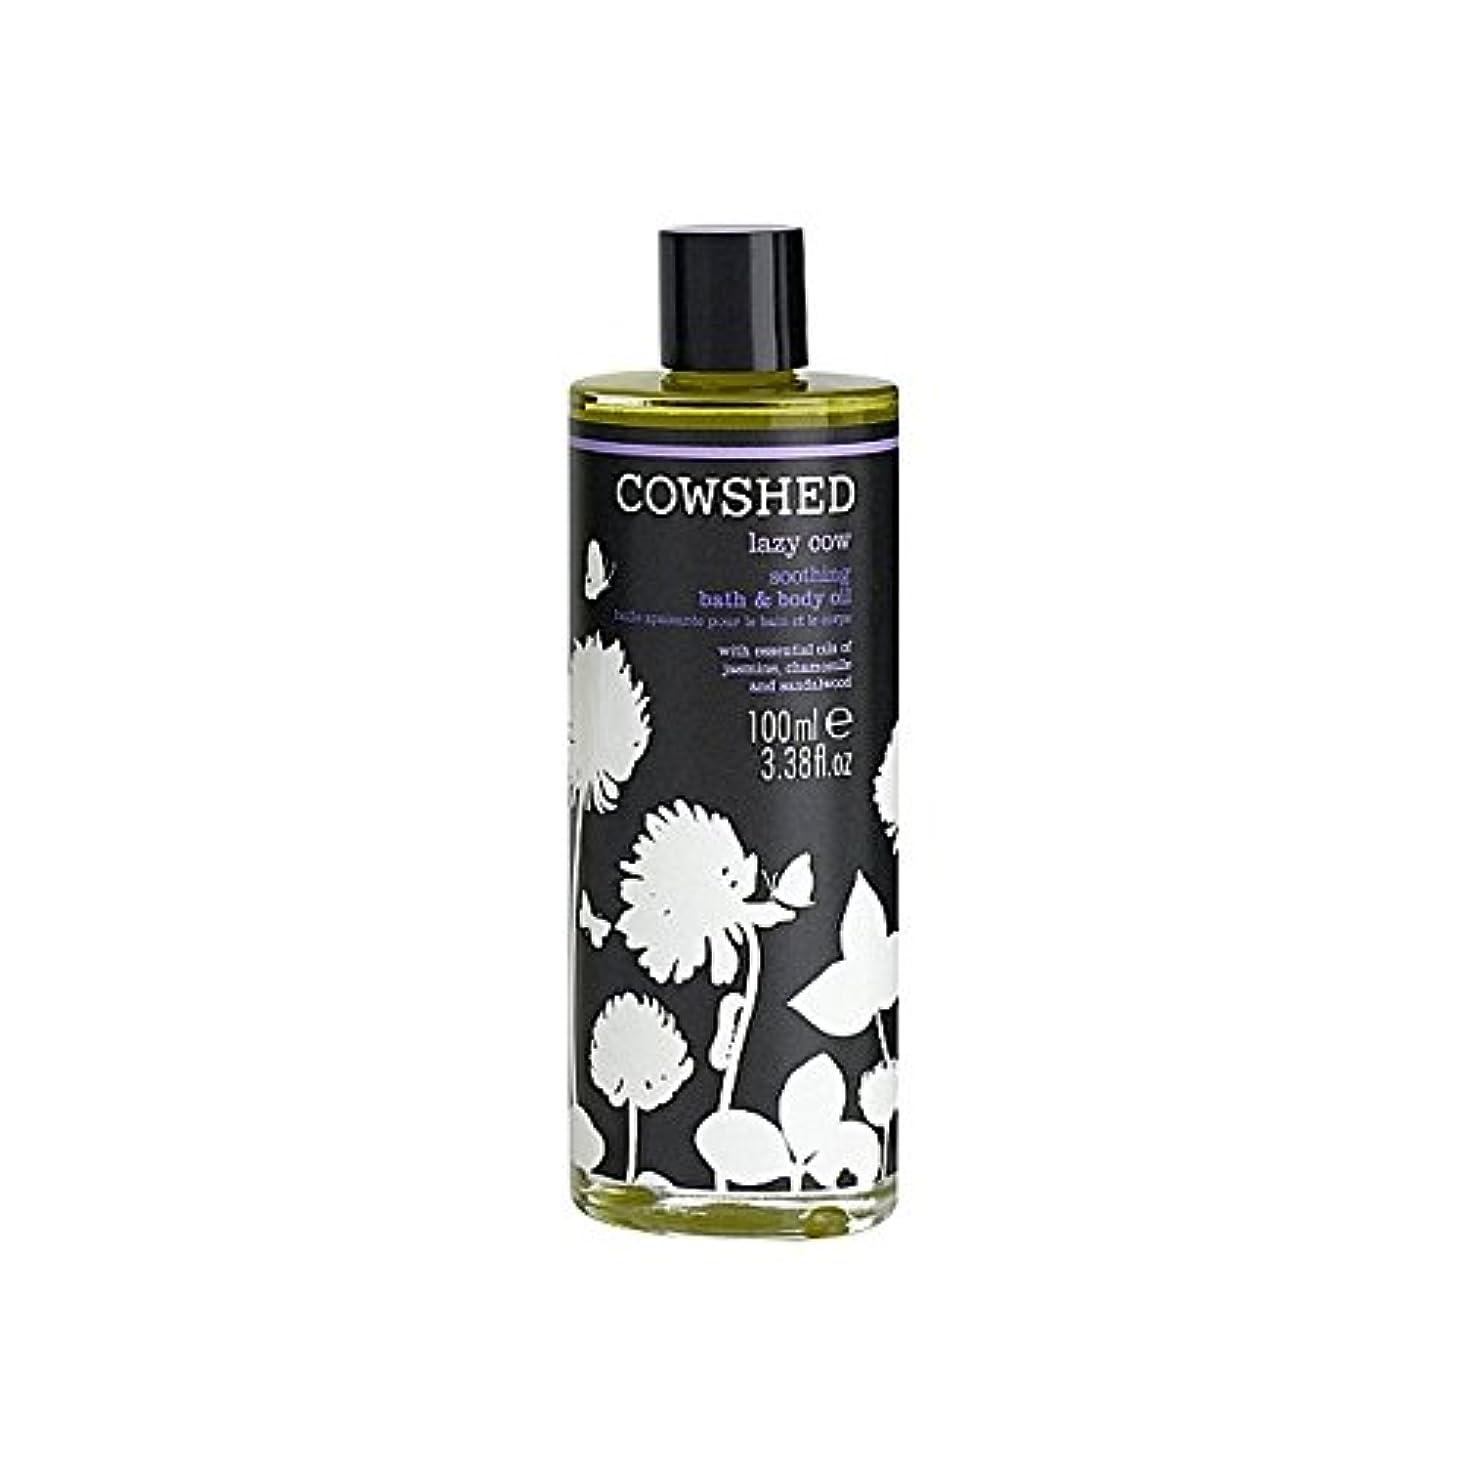 有望竜巻比較的バス&ボディオイル100ミリリットルをなだめる牛舎怠惰な牛 x4 - Cowshed Lazy Cow Soothing Bath & Body Oil 100ml (Pack of 4) [並行輸入品]